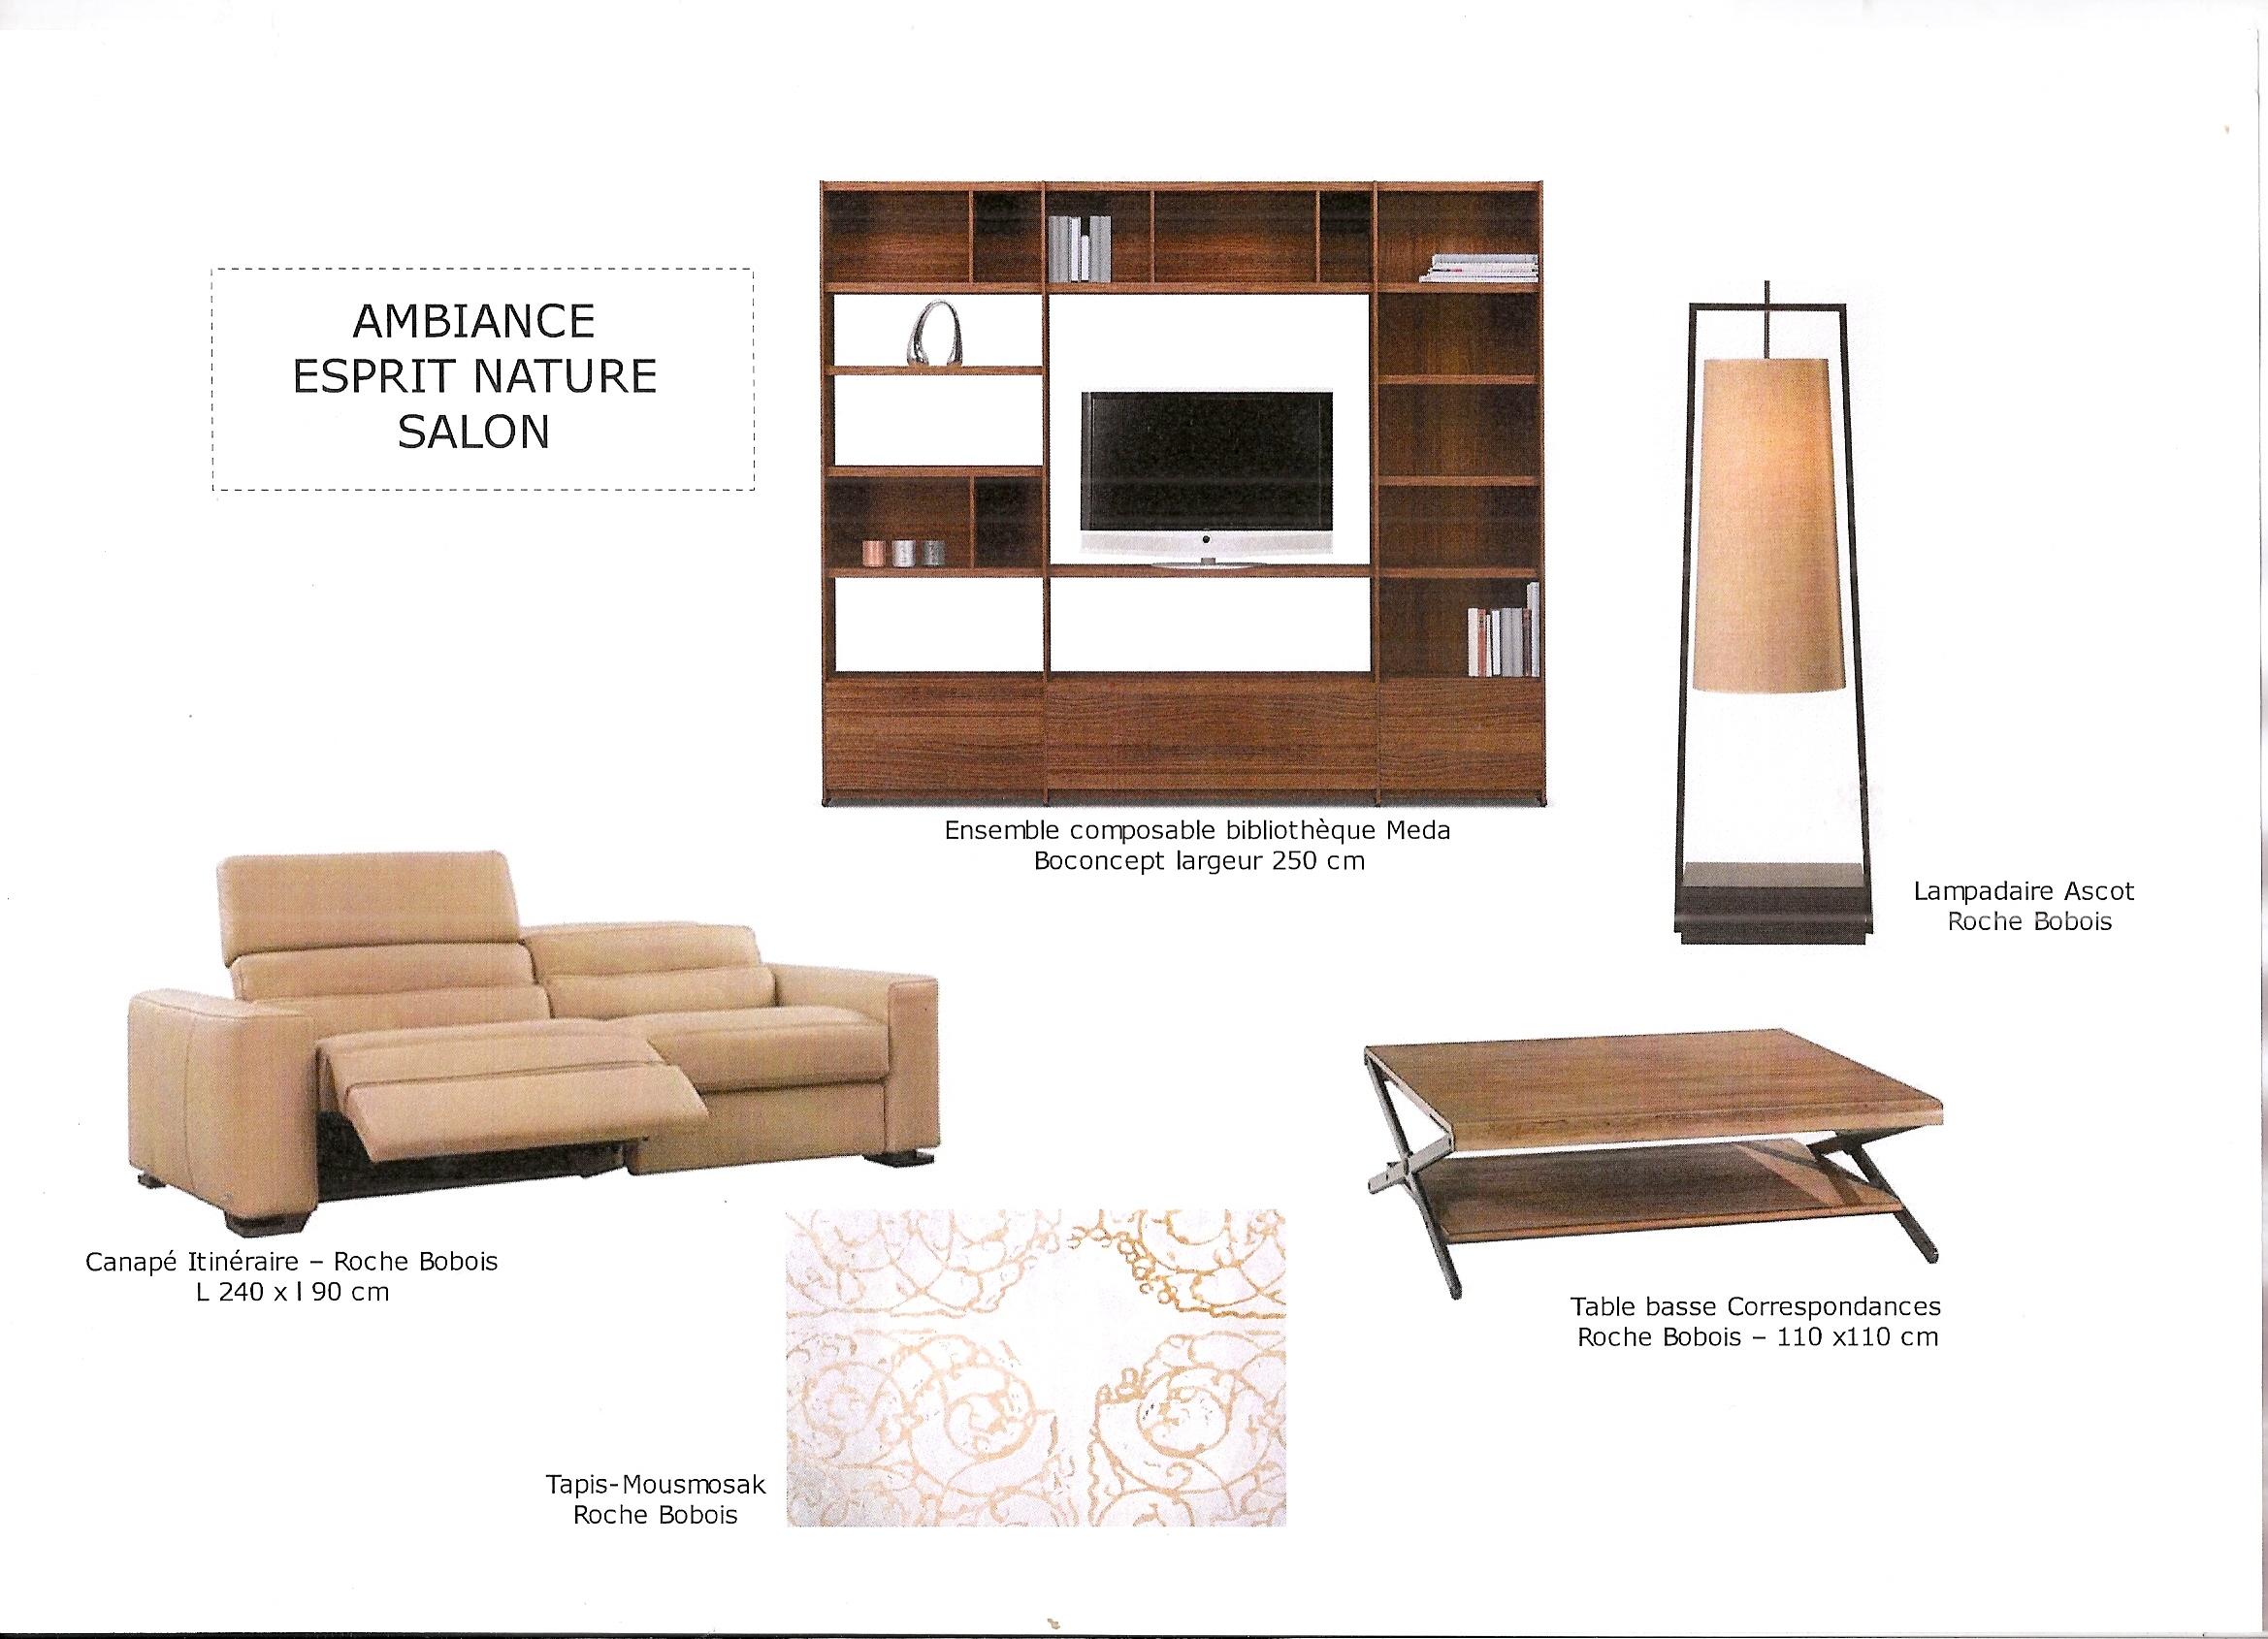 Decoration interieur fdeco agencement - Conseils sur la disposition des meubles pour agrandir un salon ...